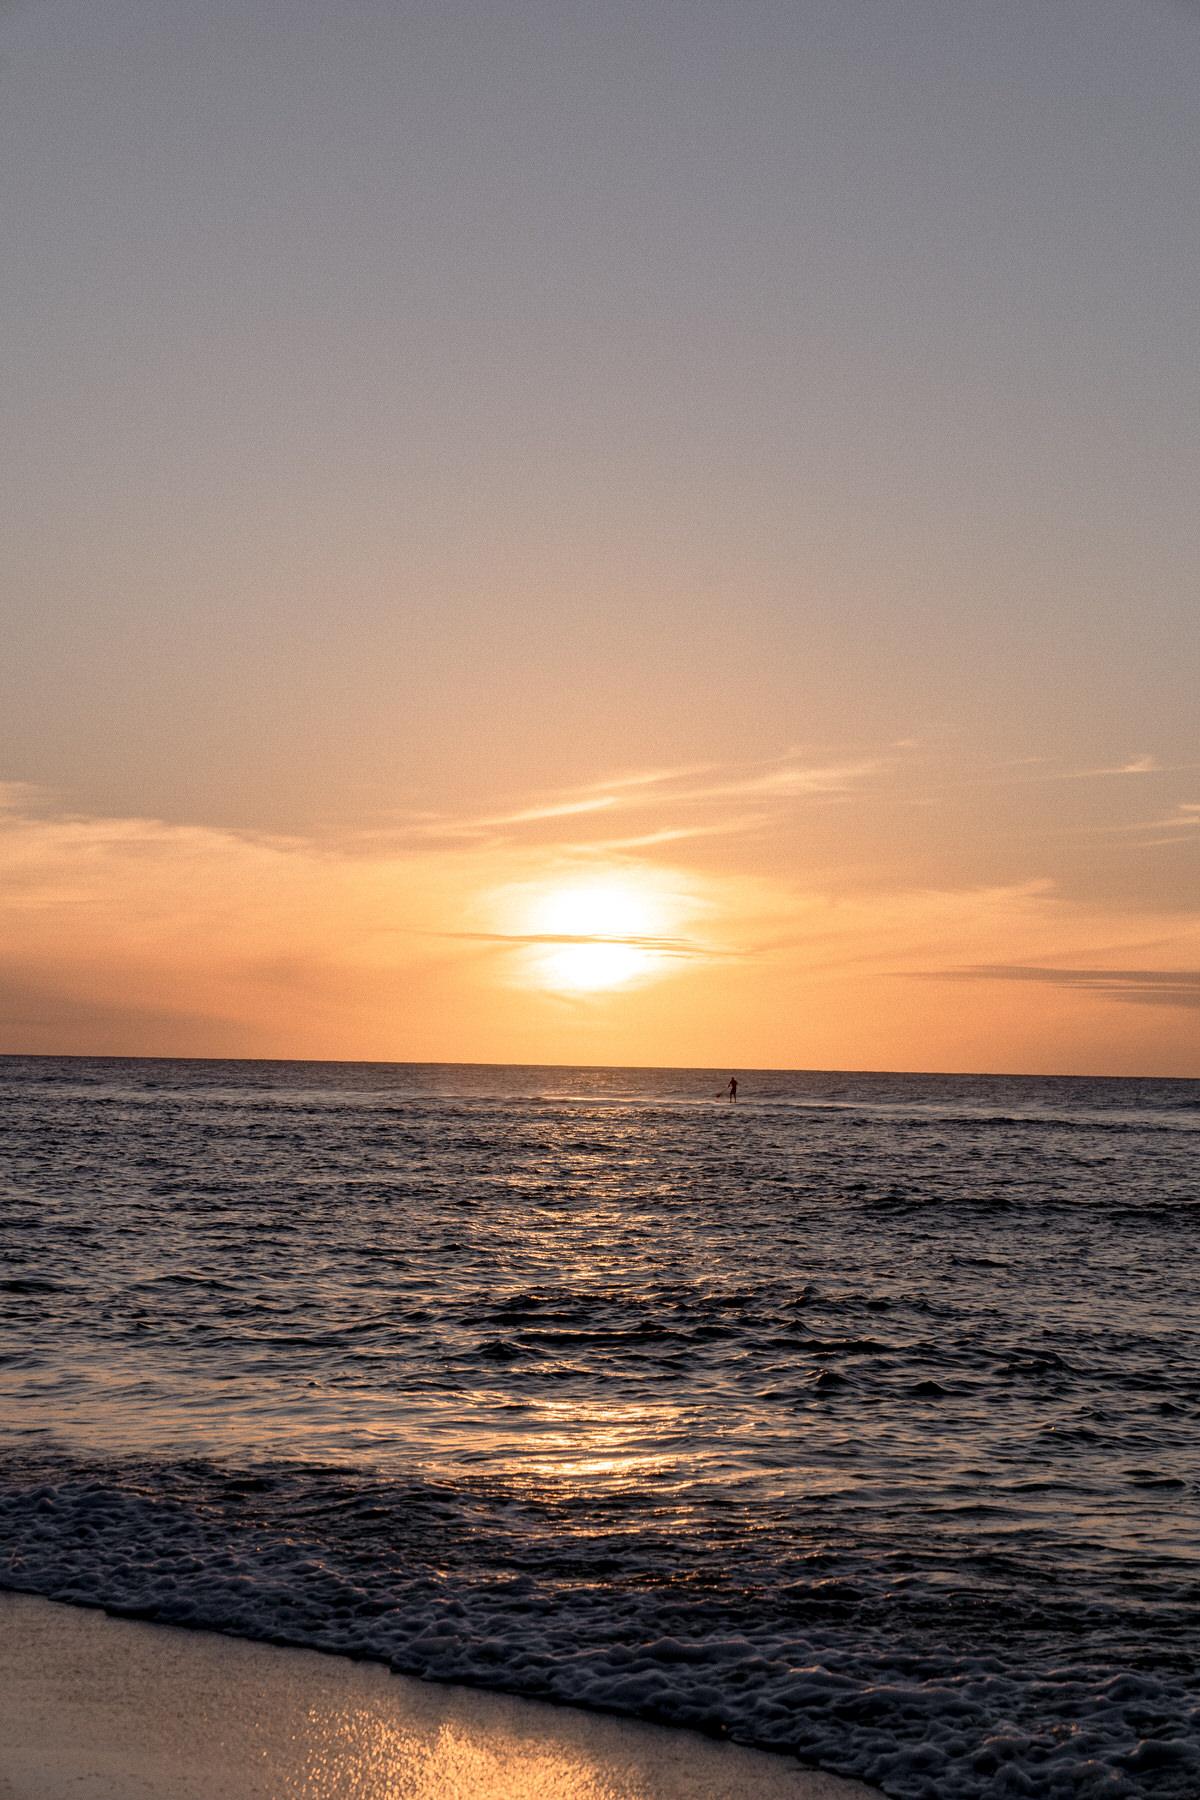 hawai-voyage-de-noces-kauai-28